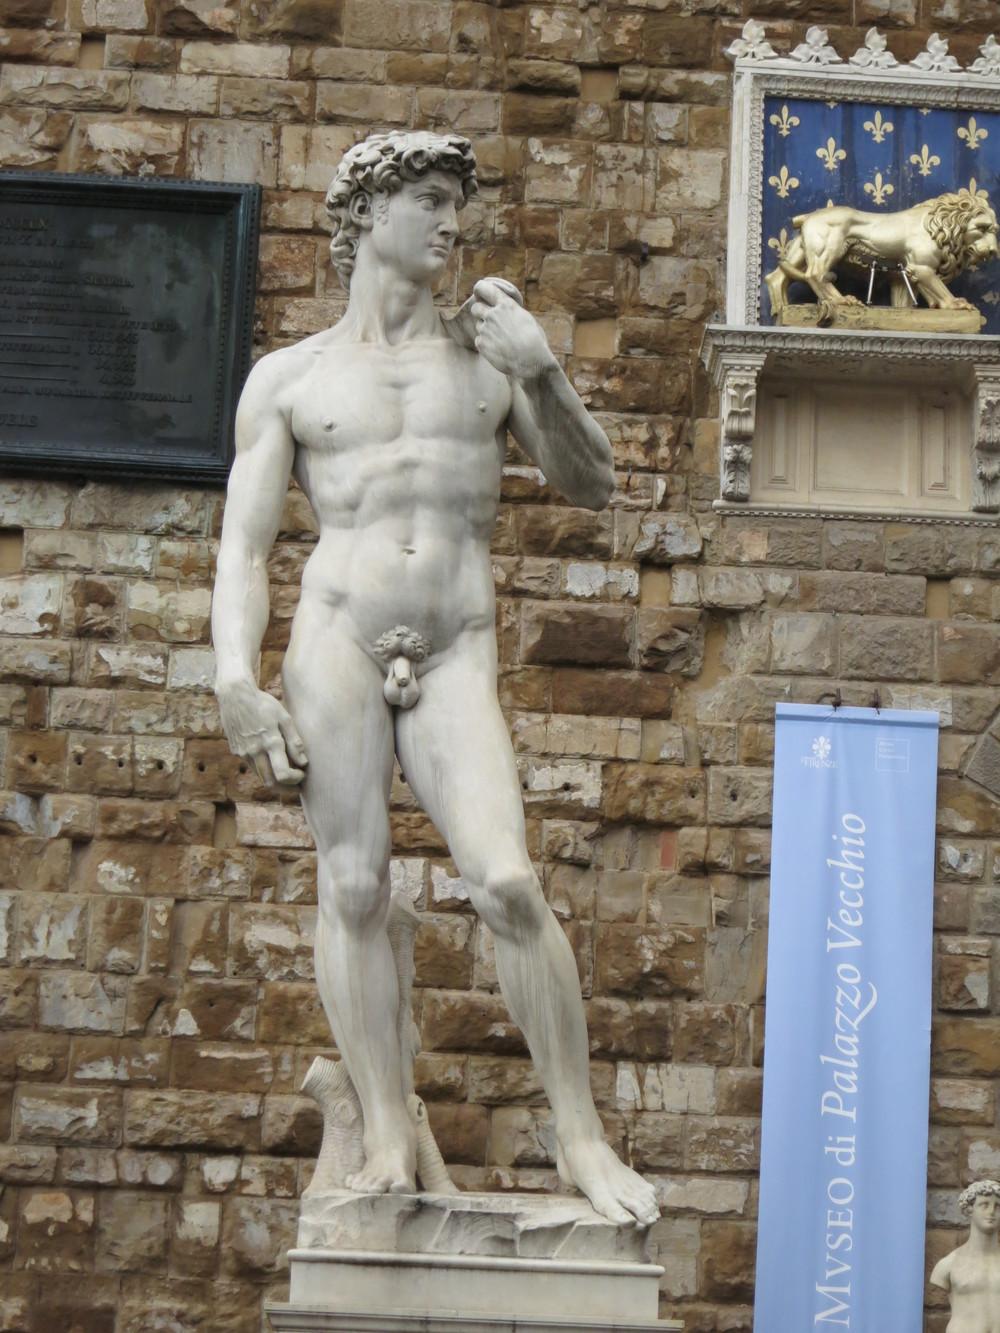 Replica of David at Palazzo Vecchio